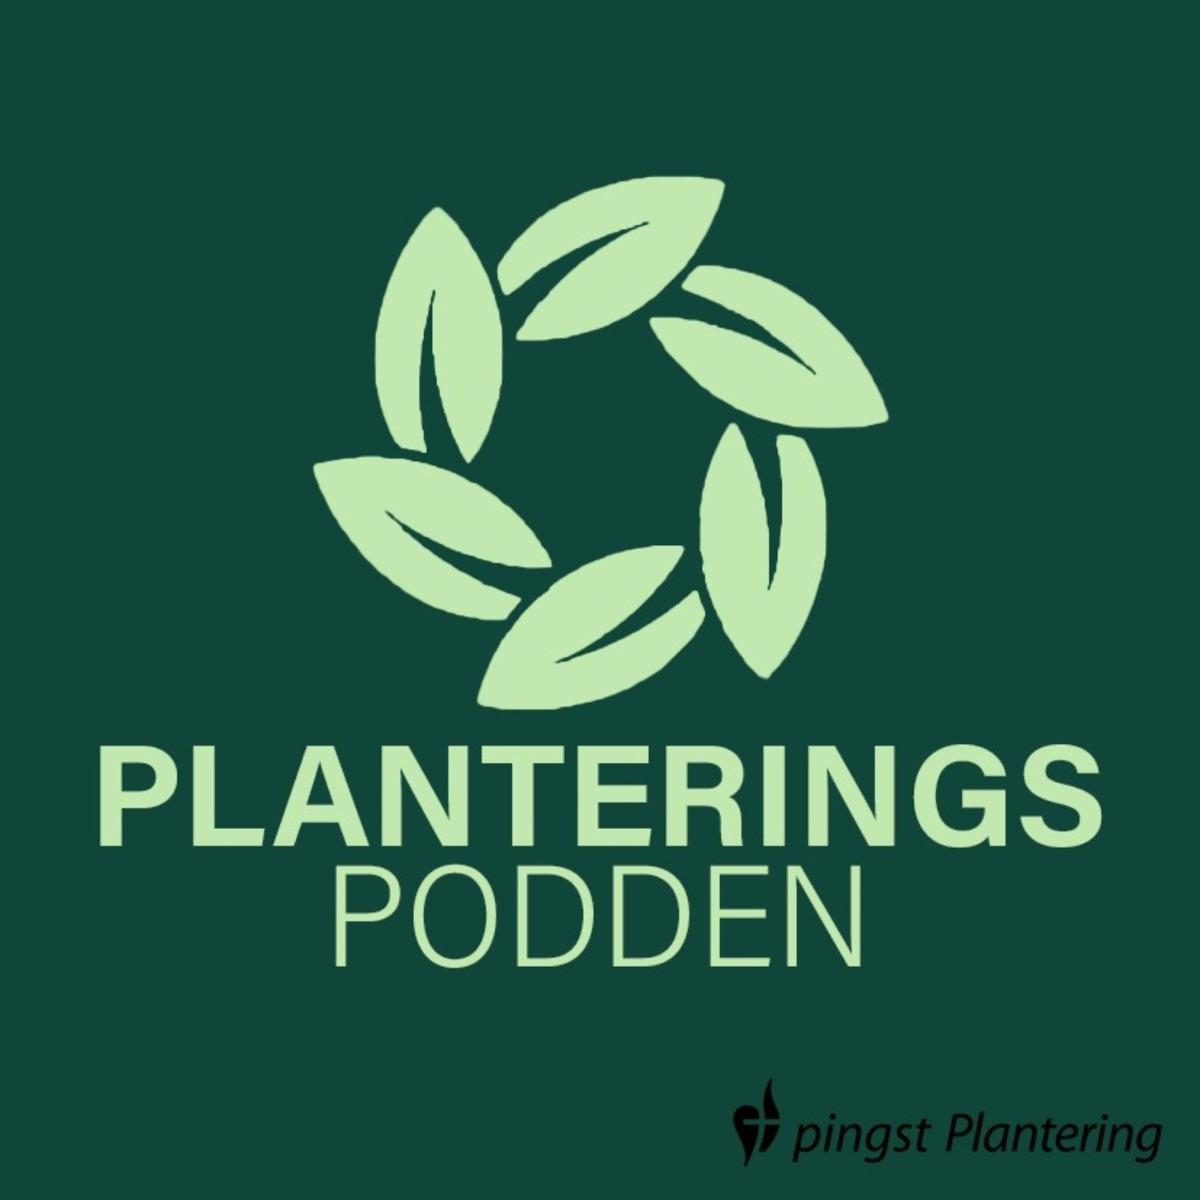 Planteringspodden